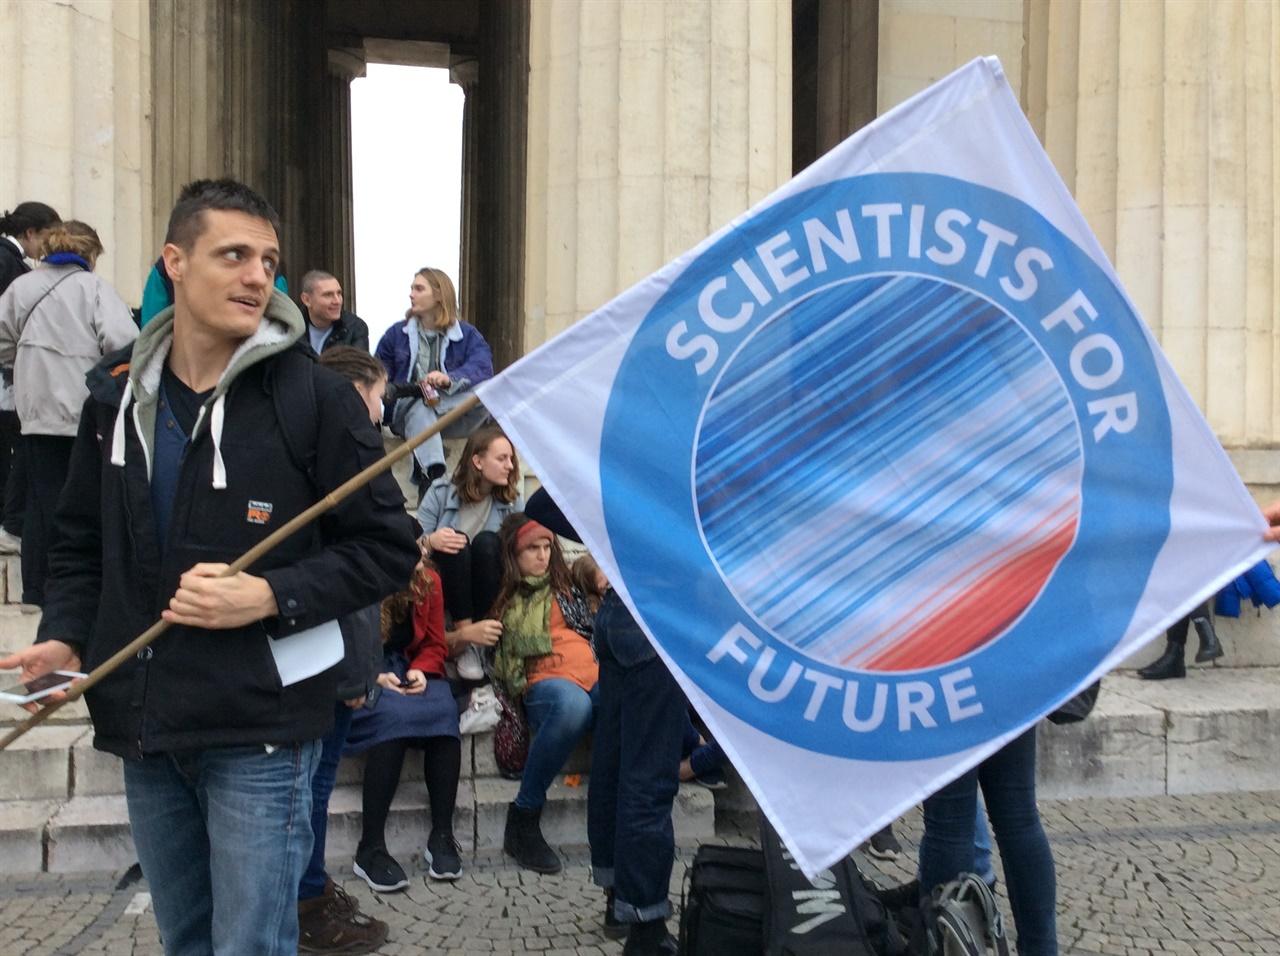 미래를 위한 과학자들 '미래를 위한 과학자들(Scientists For Future)' 뮌헨 회원이 깃발을 들며 기후위기 집회에 참가하고 있다.